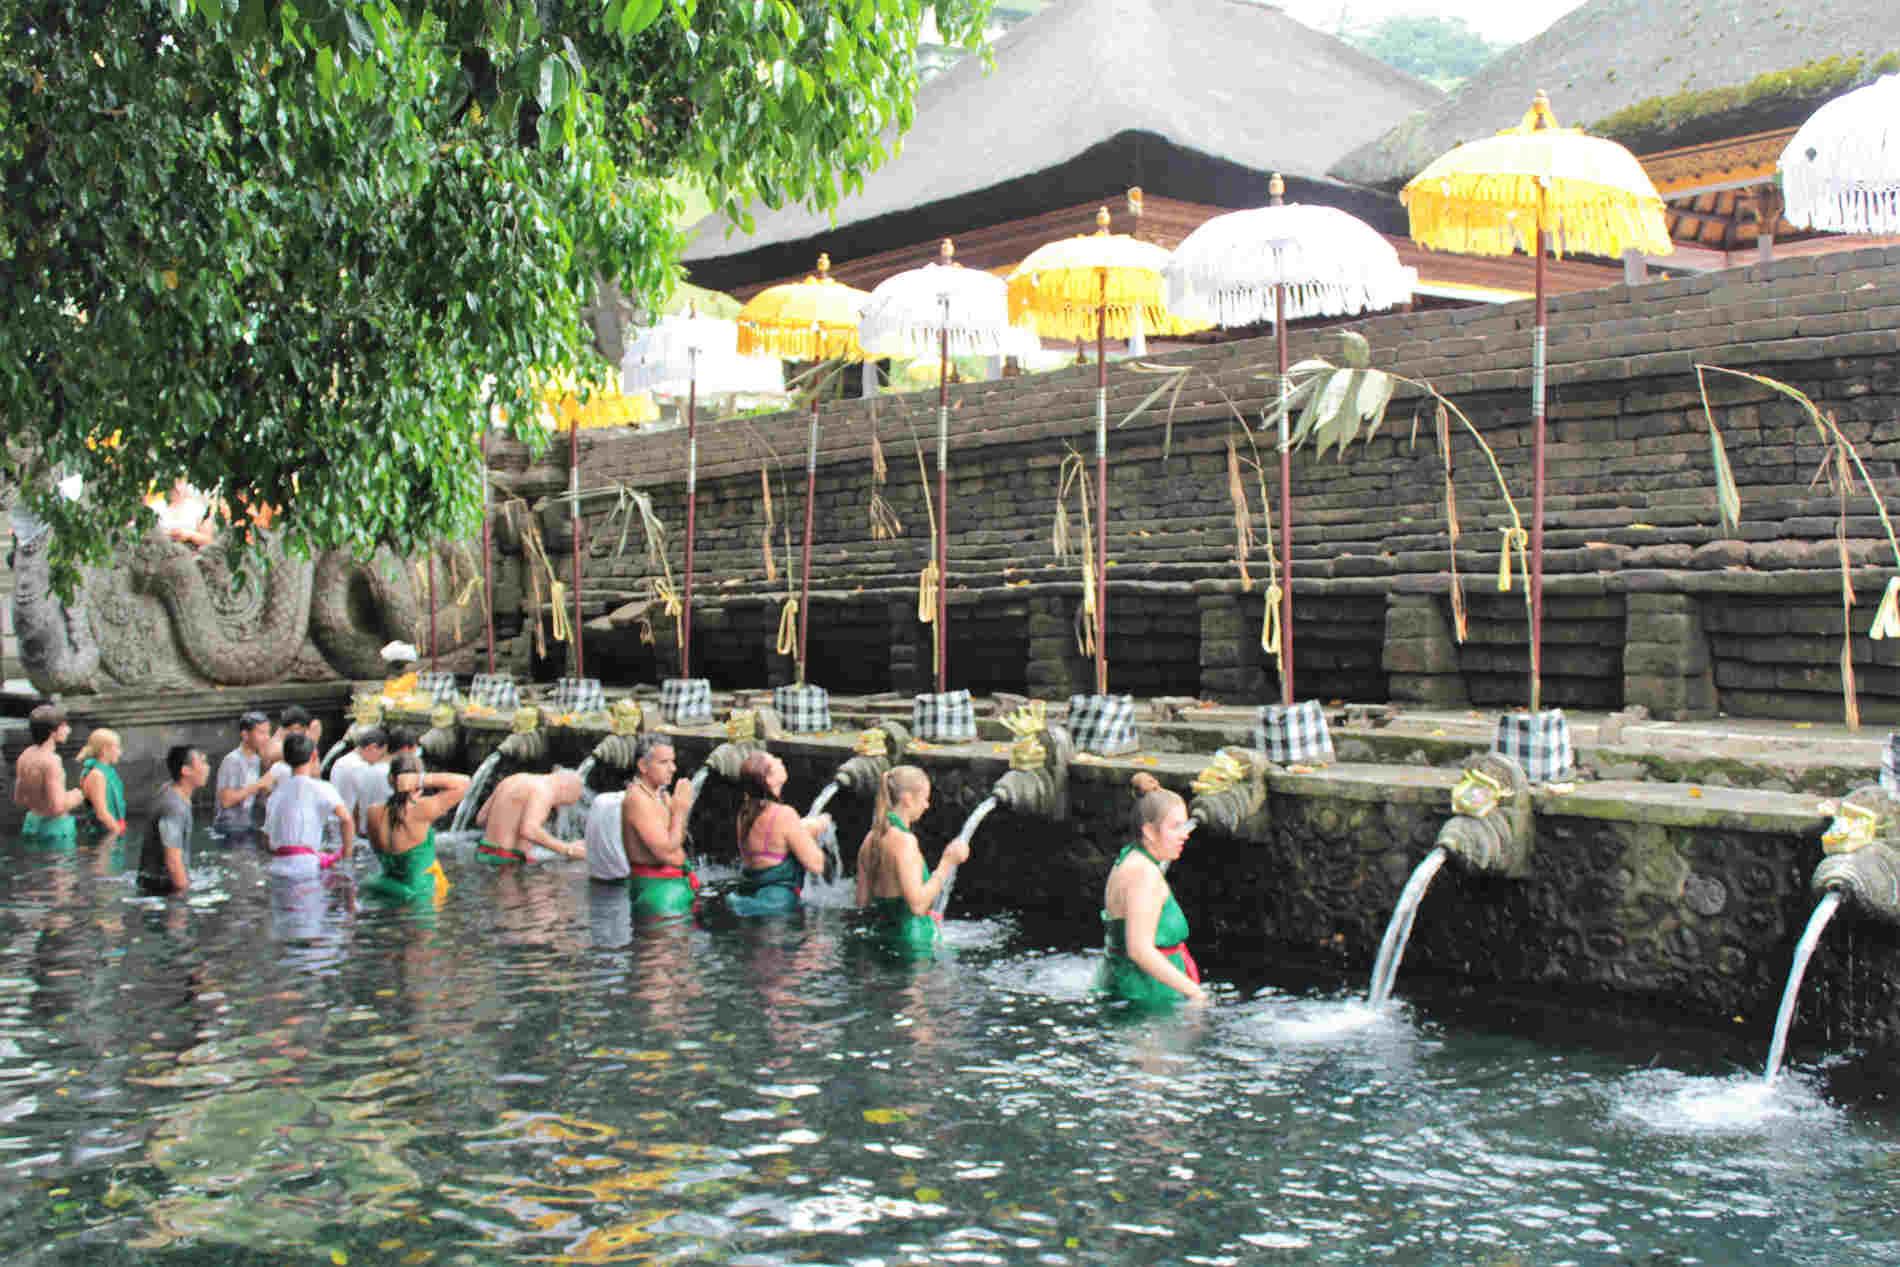 Itinerario a Bali -Il Bagno della purificazione al Tempio di Tirta Empul